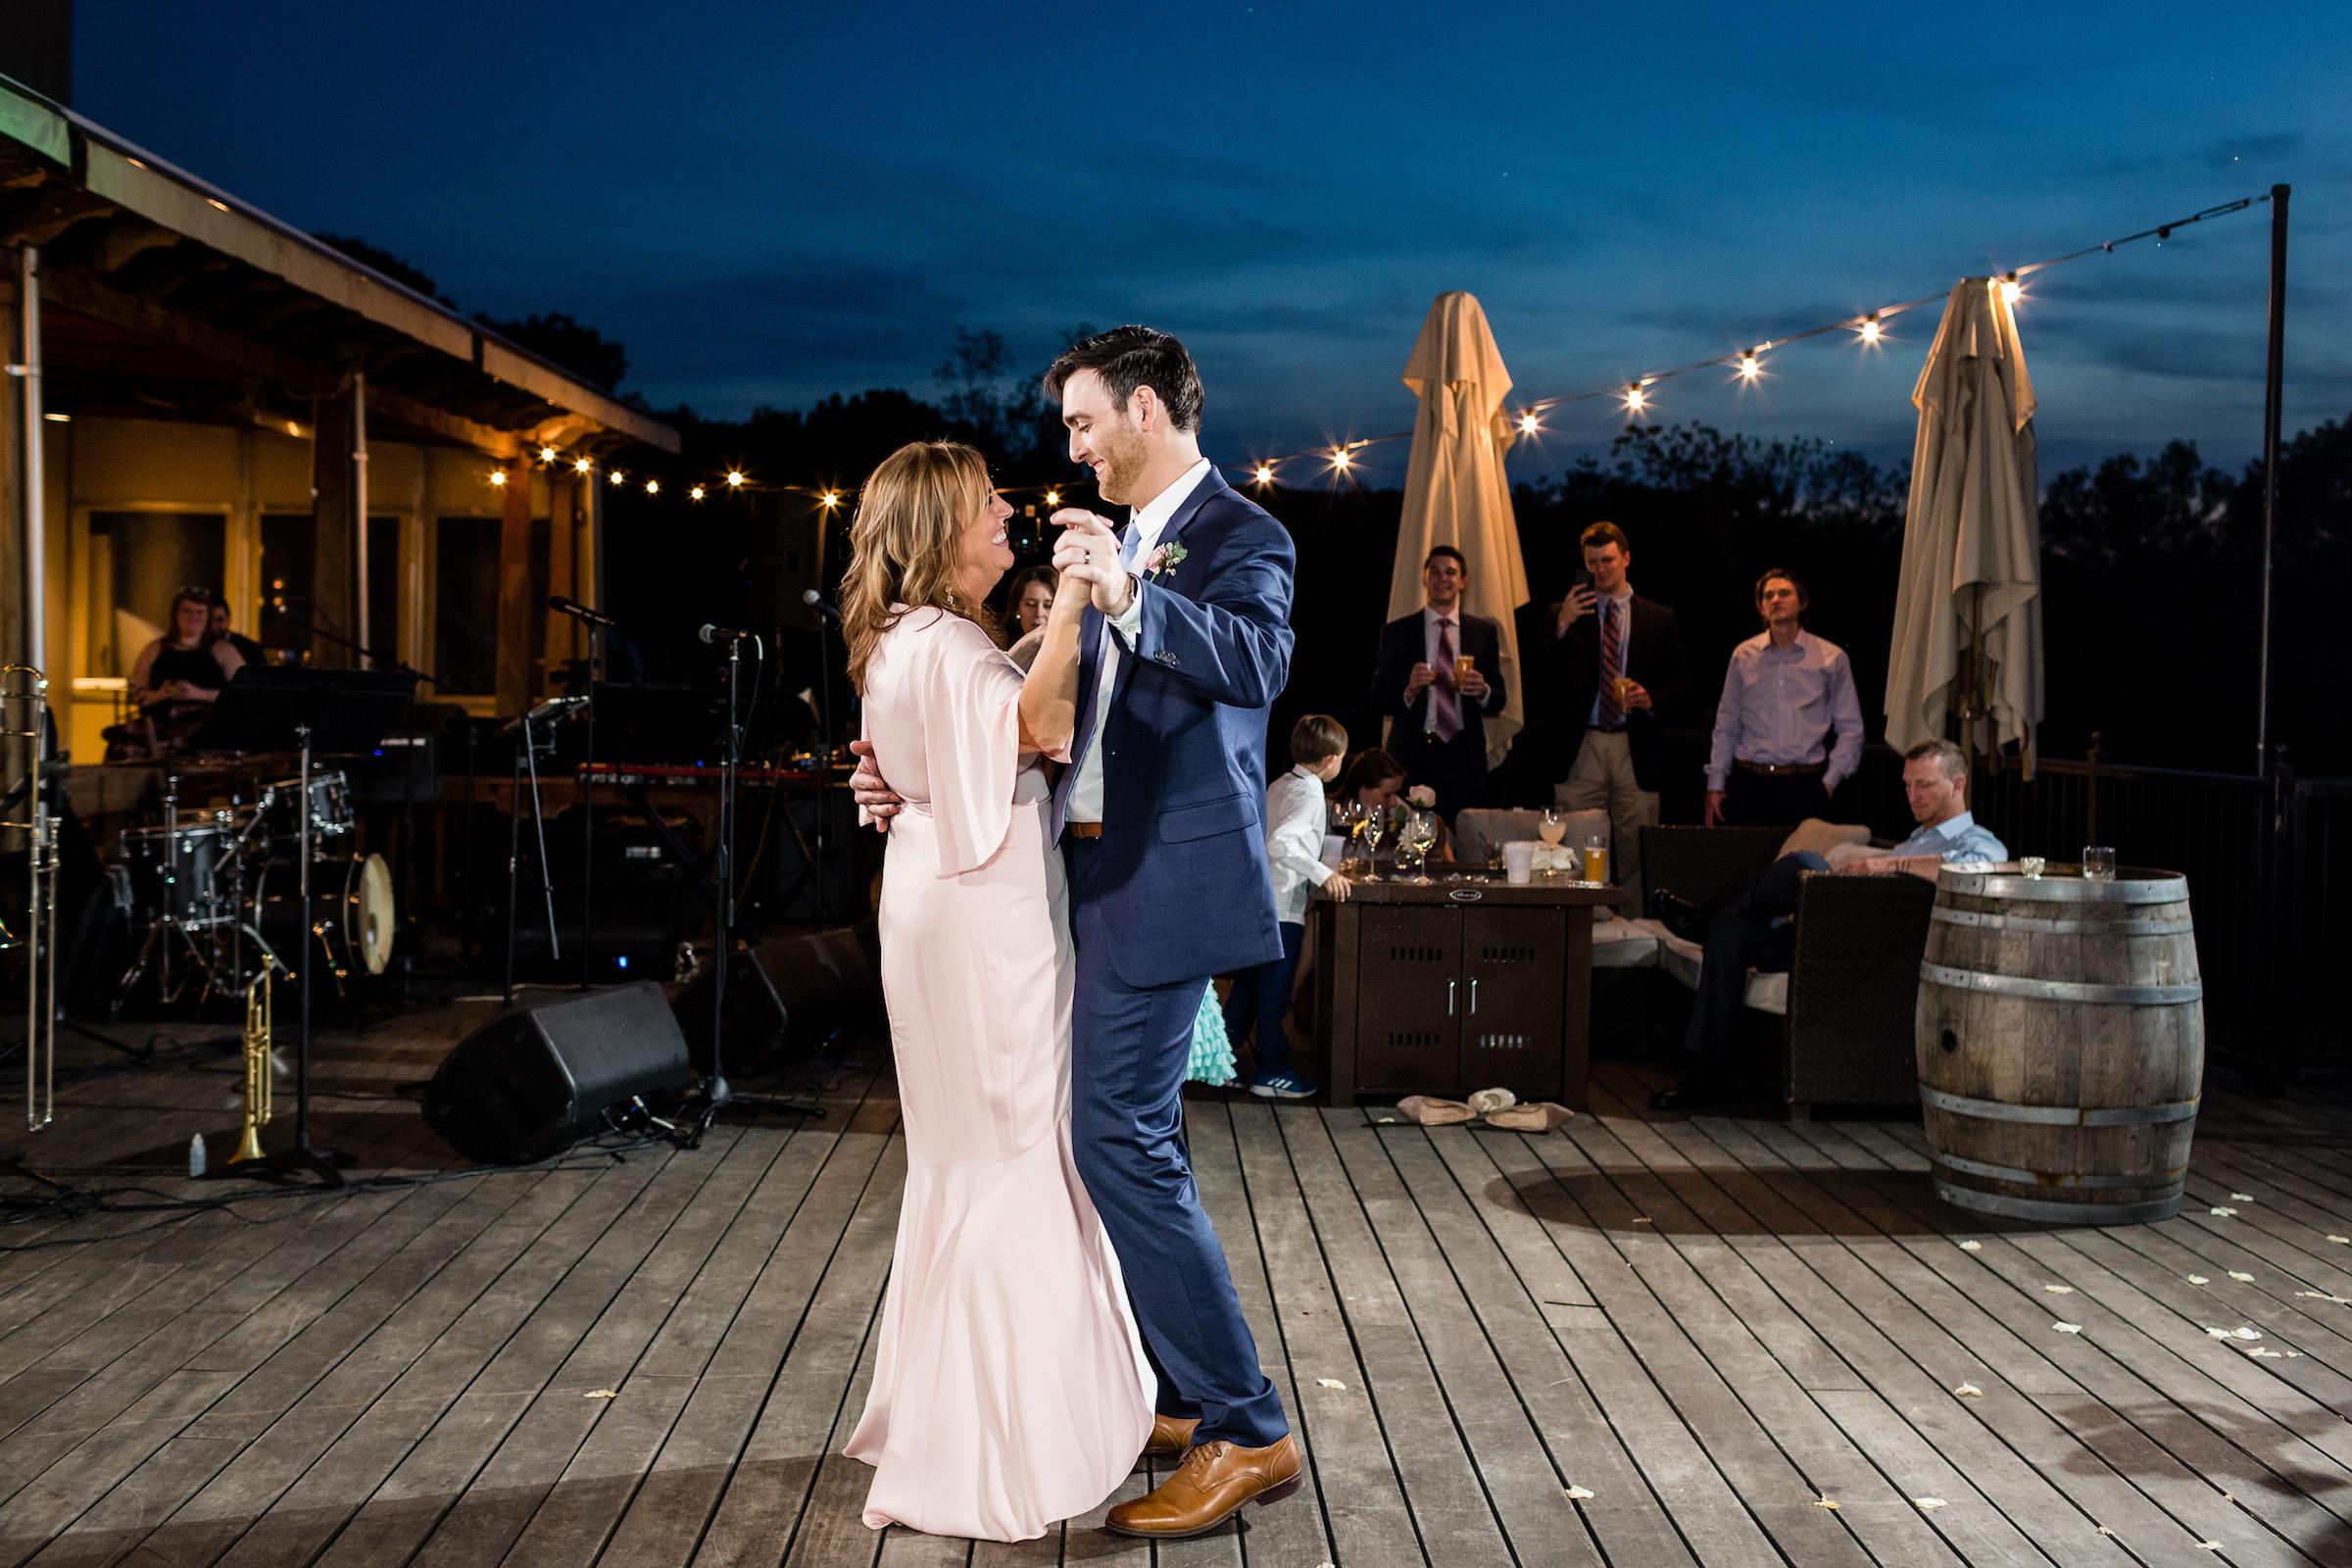 brielle-davis-events-kairos-photography-chandler-hill-wedding-dancing-611.jpg